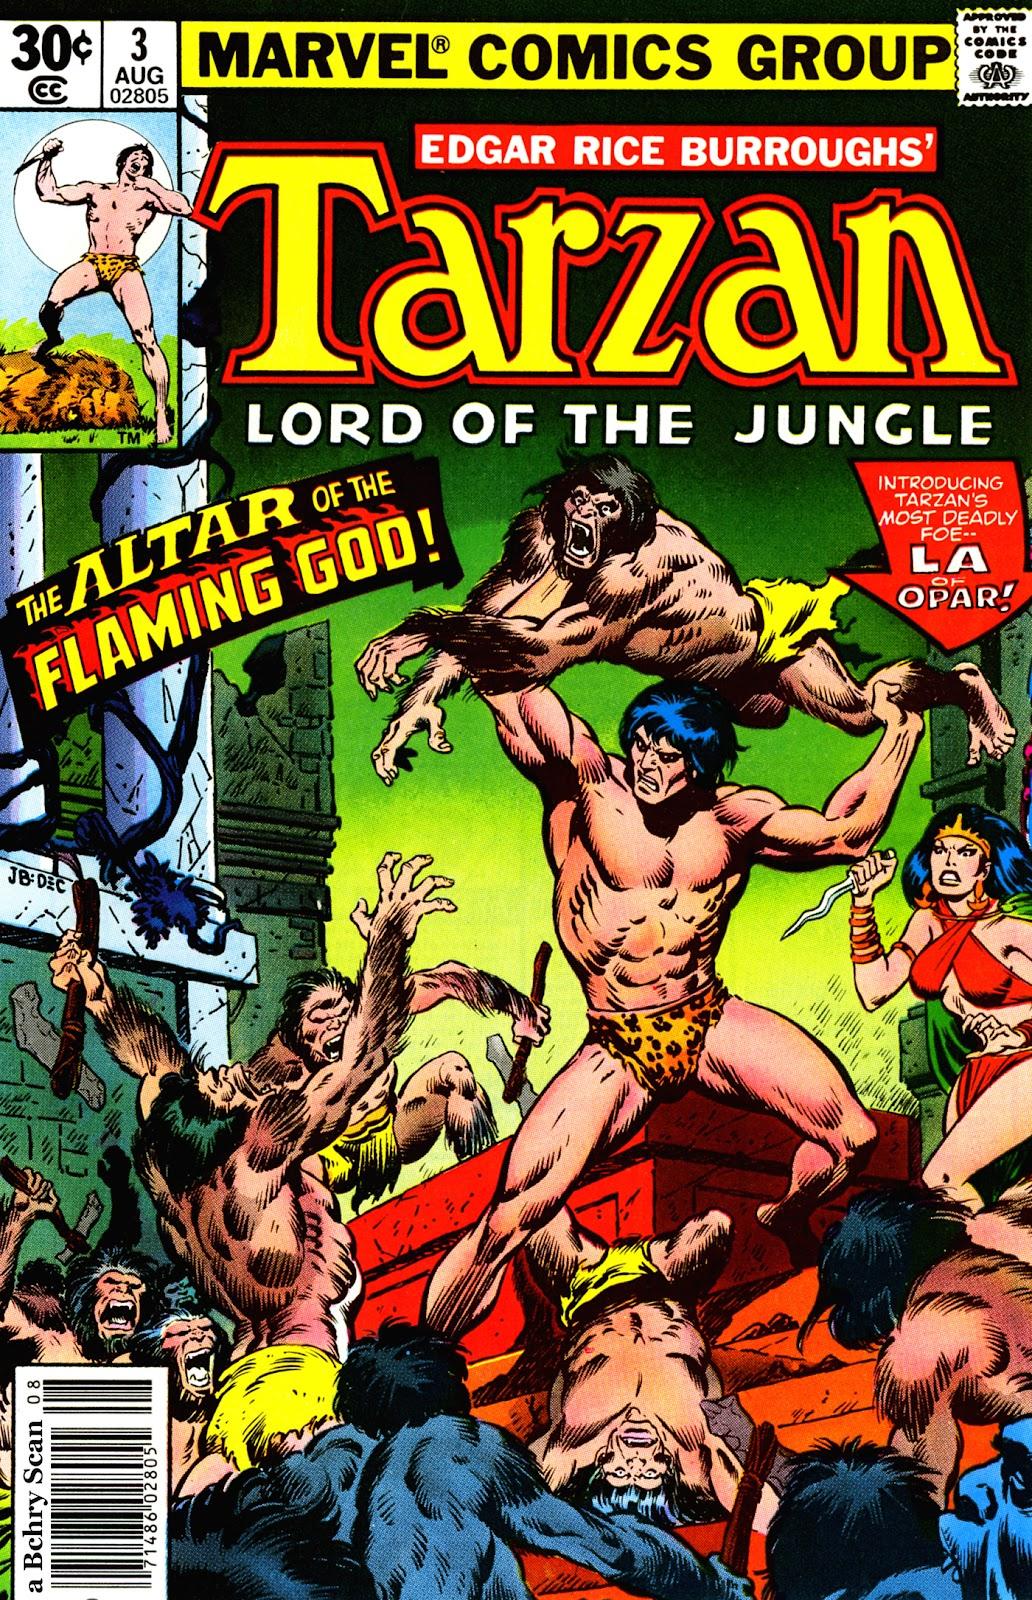 Tarzan (1977) issue 3 - Page 1